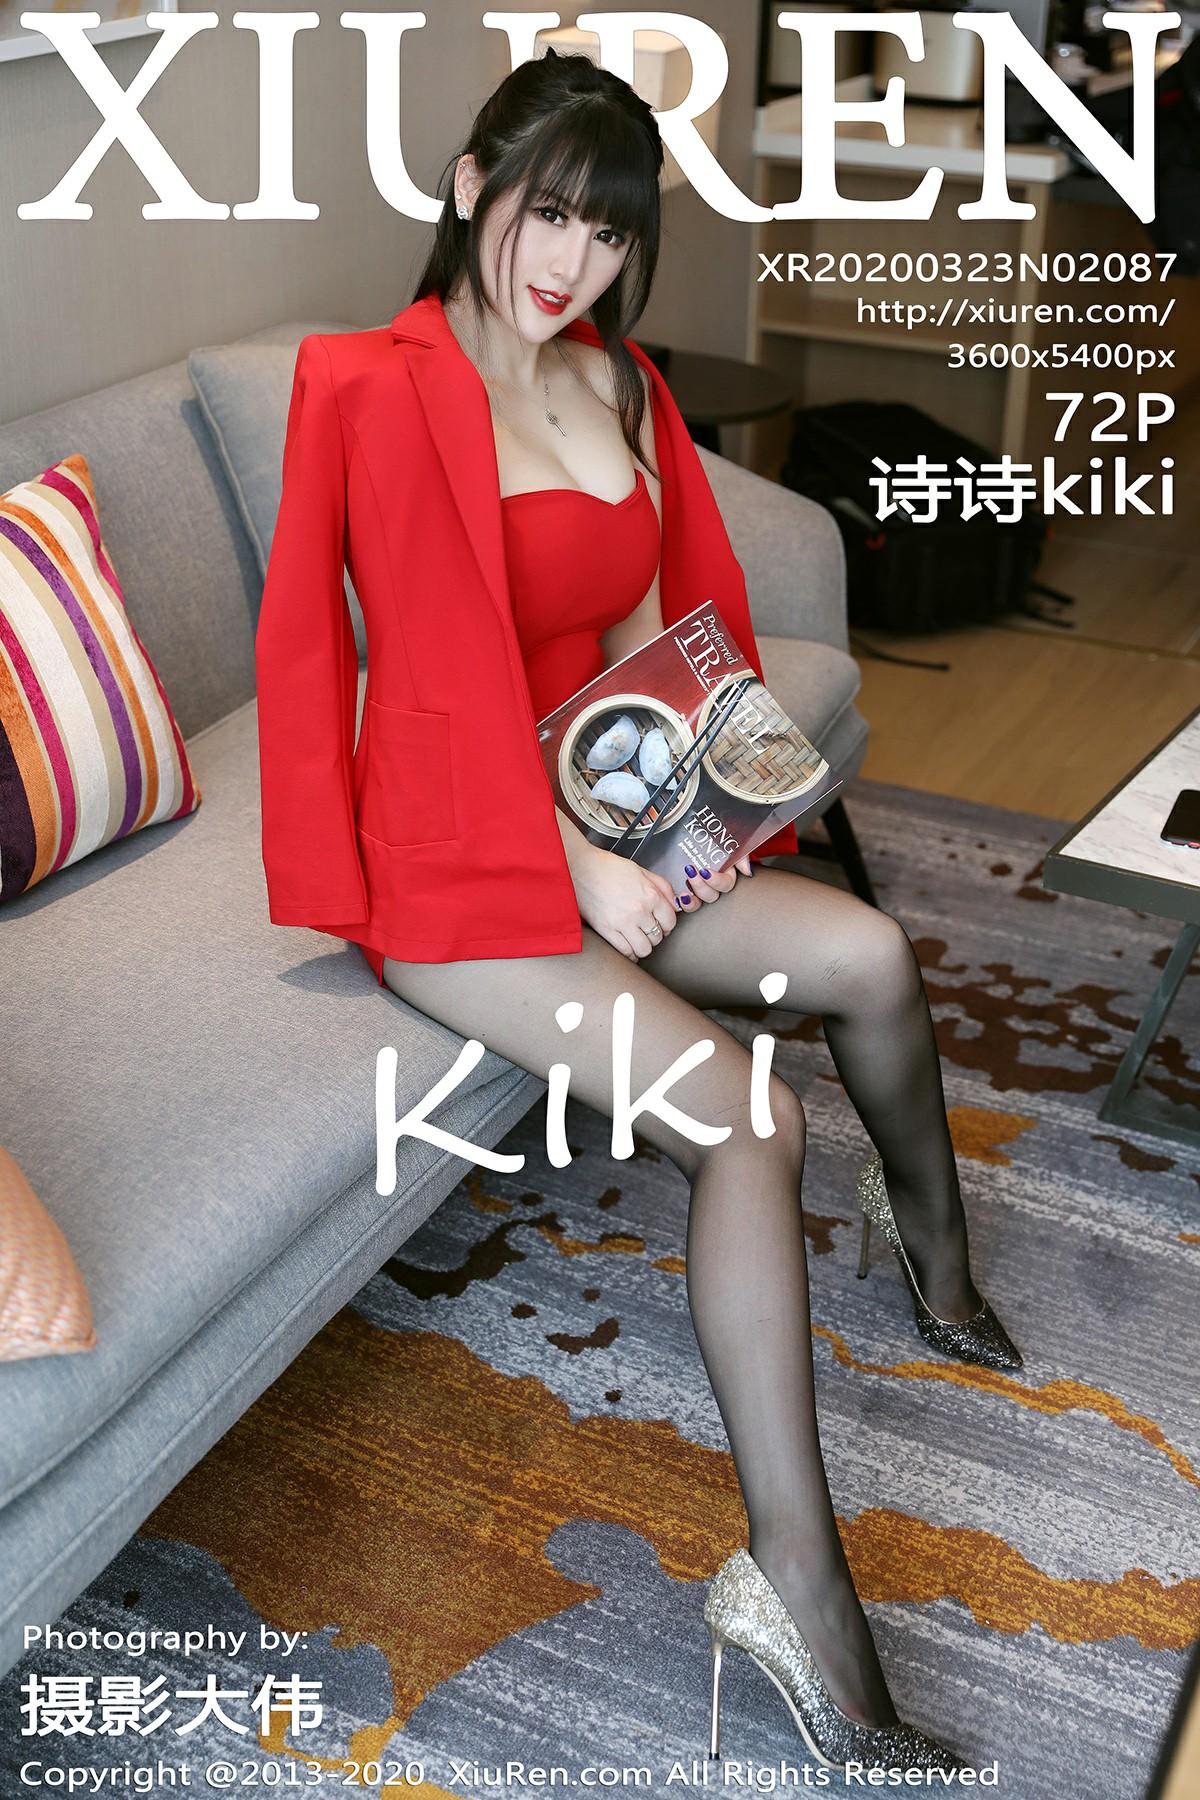 [XiuRen秀人网]2020.03.23 No.2087 诗诗kiki-第1张图片-福利社